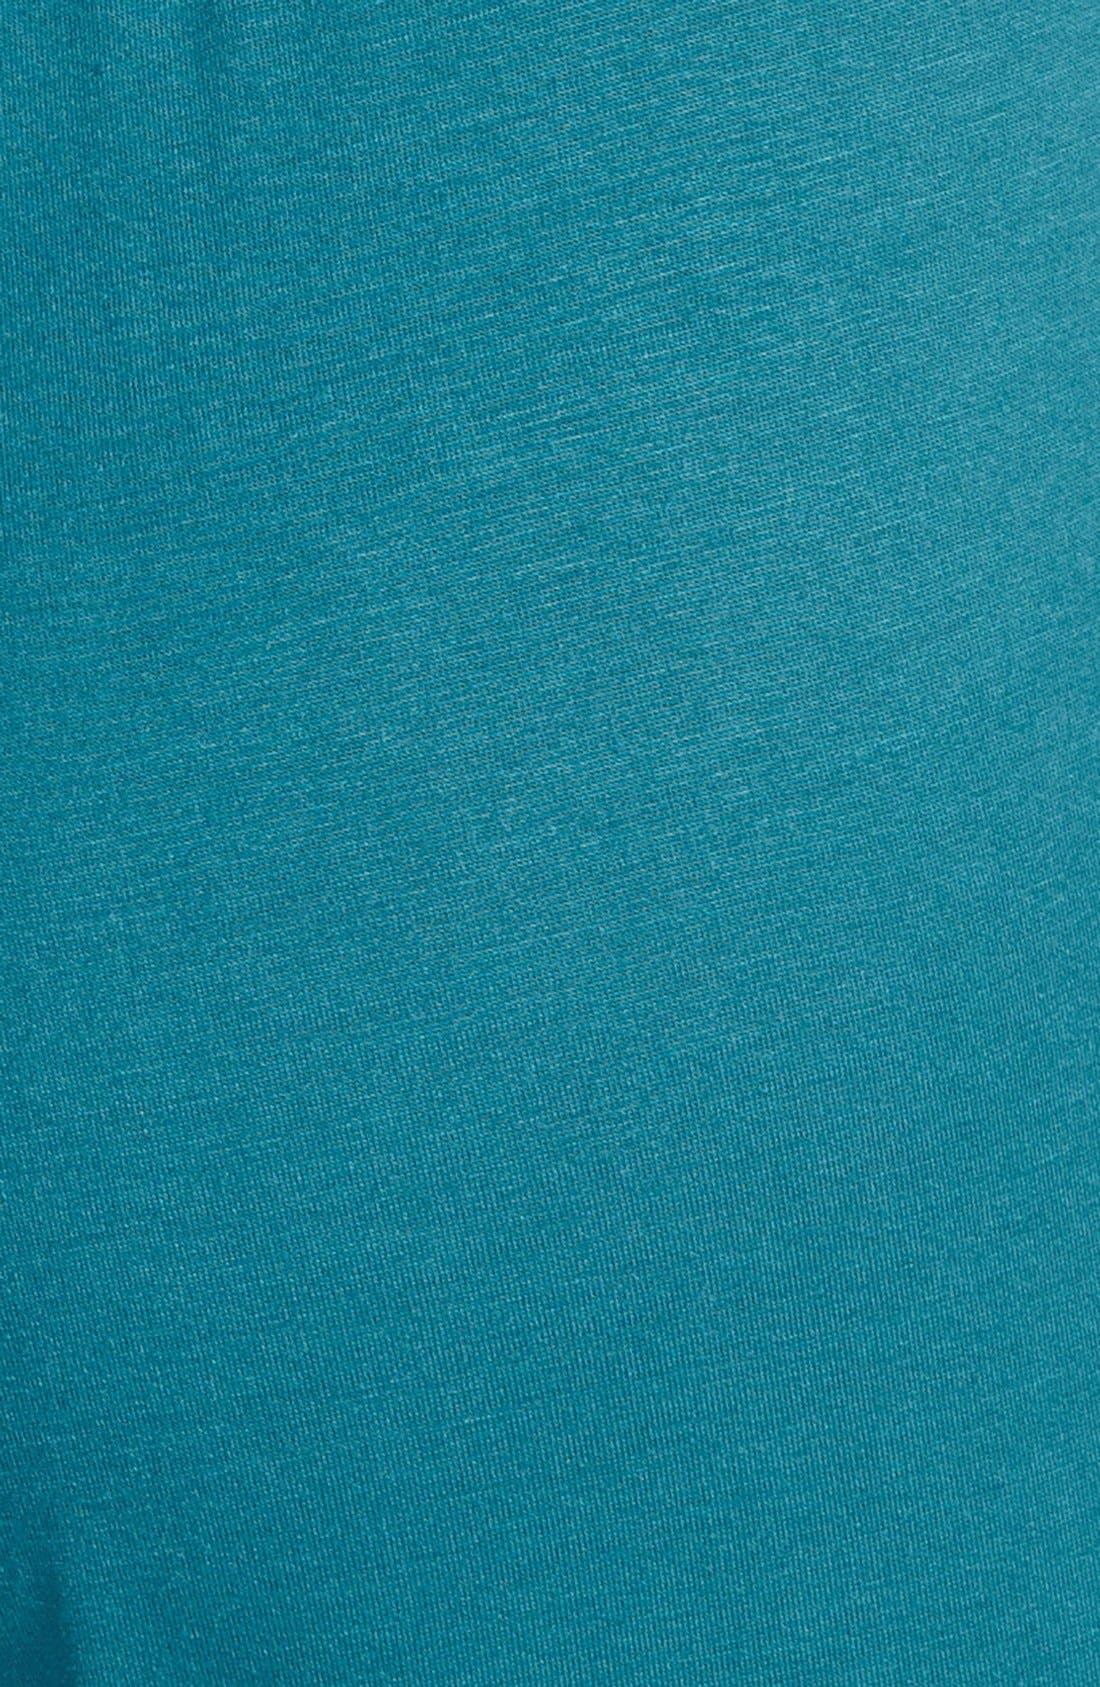 Short Sleeve Wrap Top Jumpsuit,                             Alternate thumbnail 19, color,